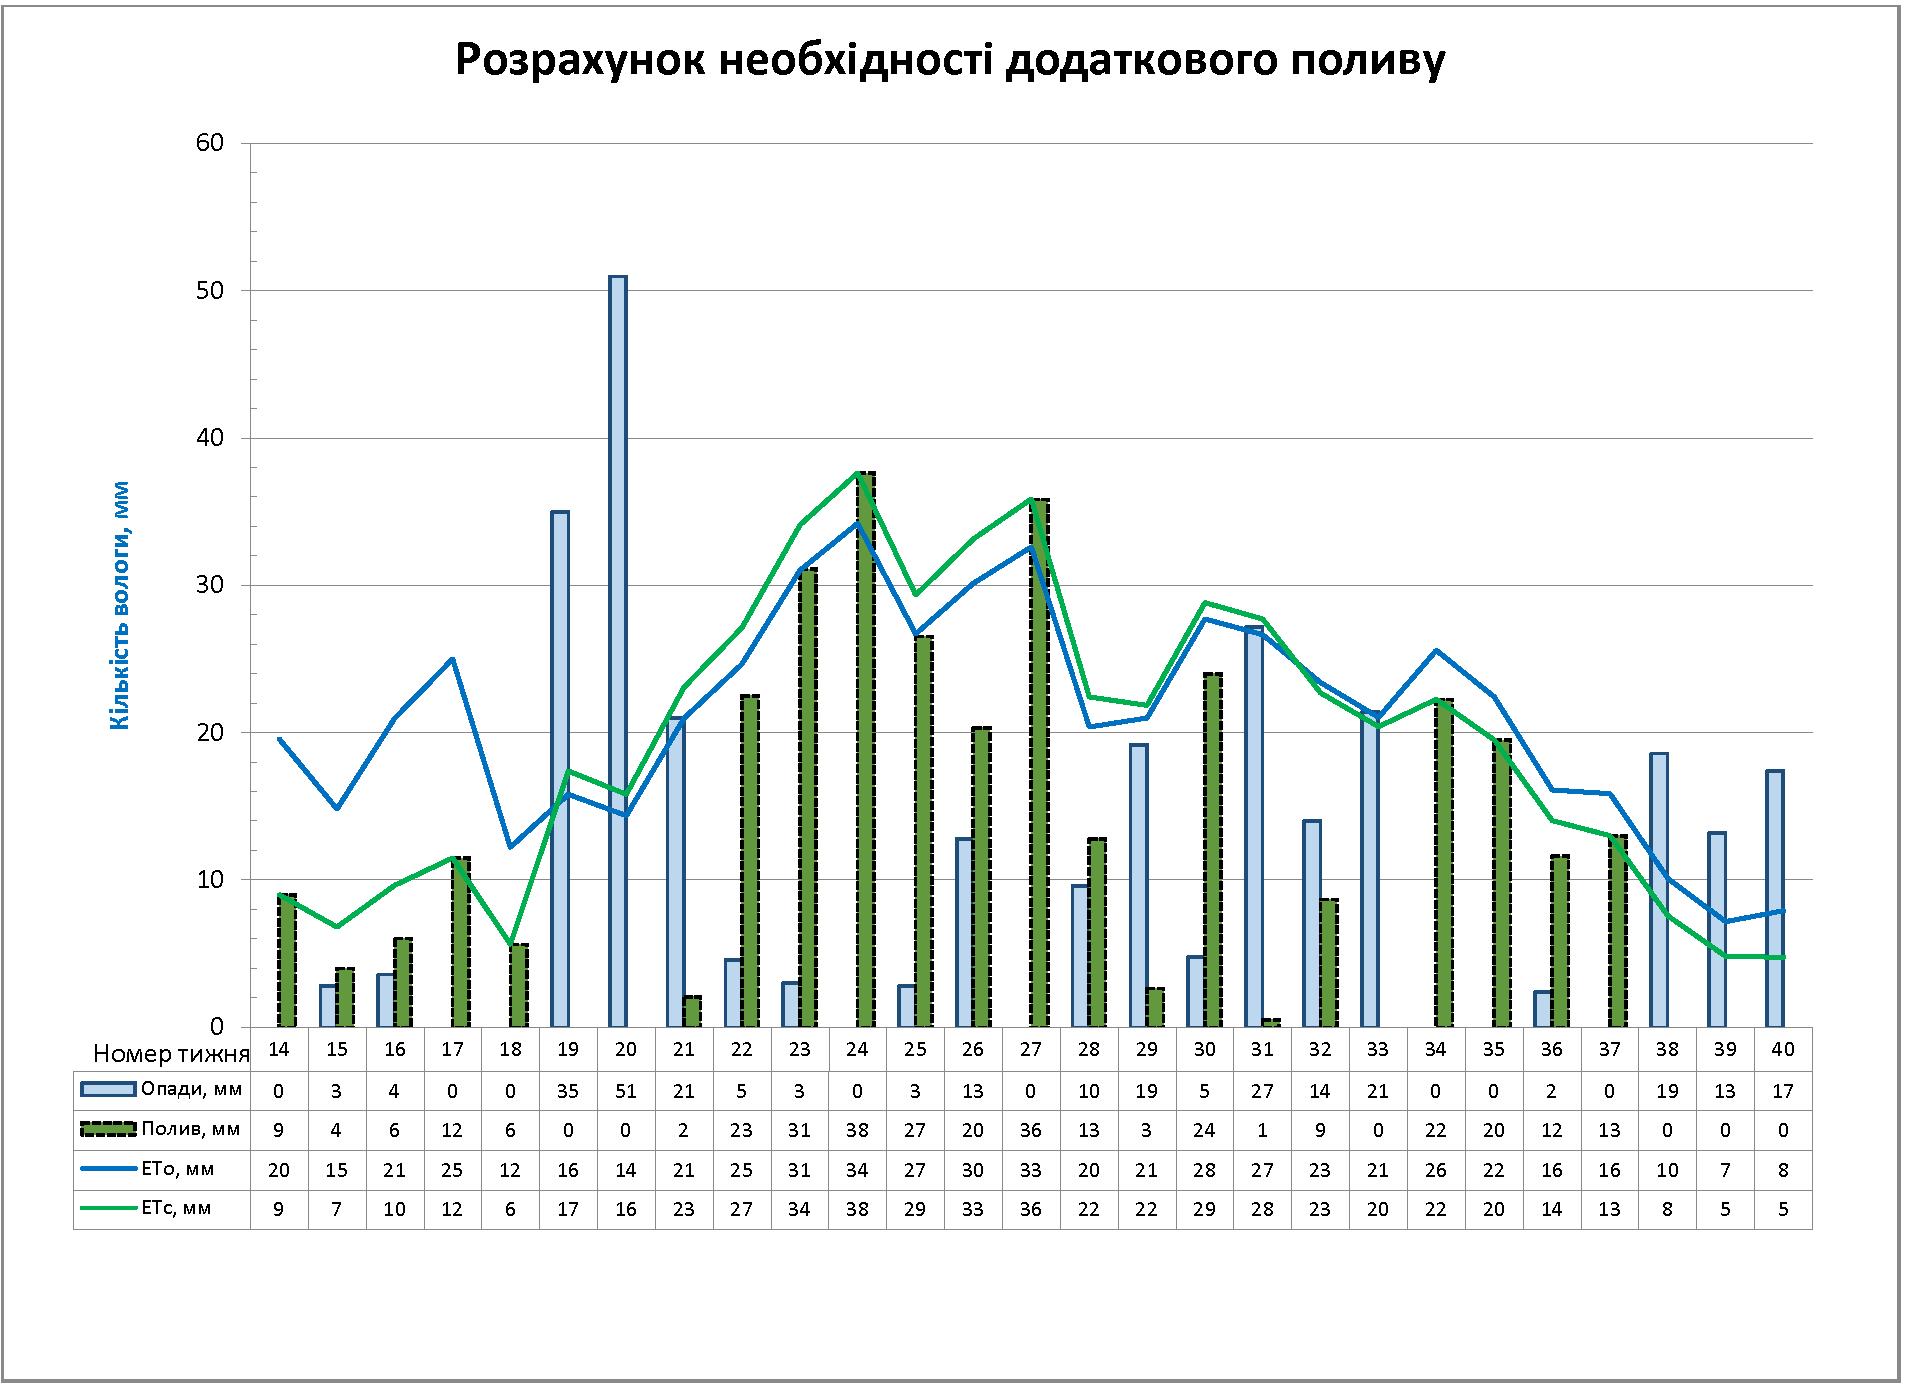 Графік: розрахунок необхідності додаткового поливу чорниці (лохини) високорослої